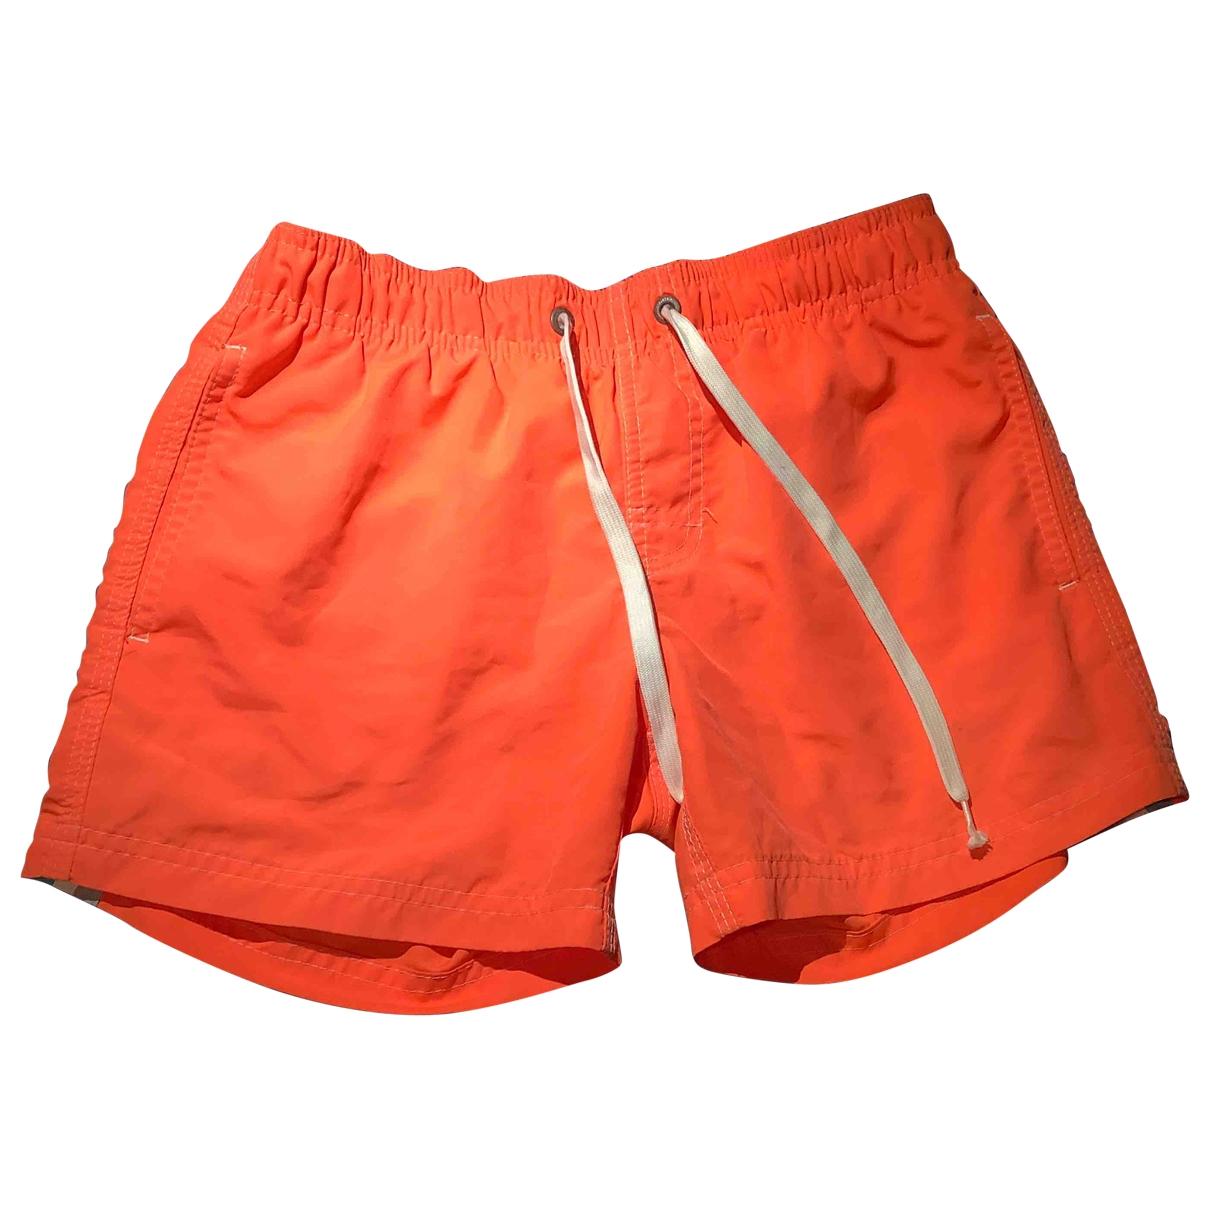 Sundek \N Orange Shorts for Kids 10 years - up to 142cm FR